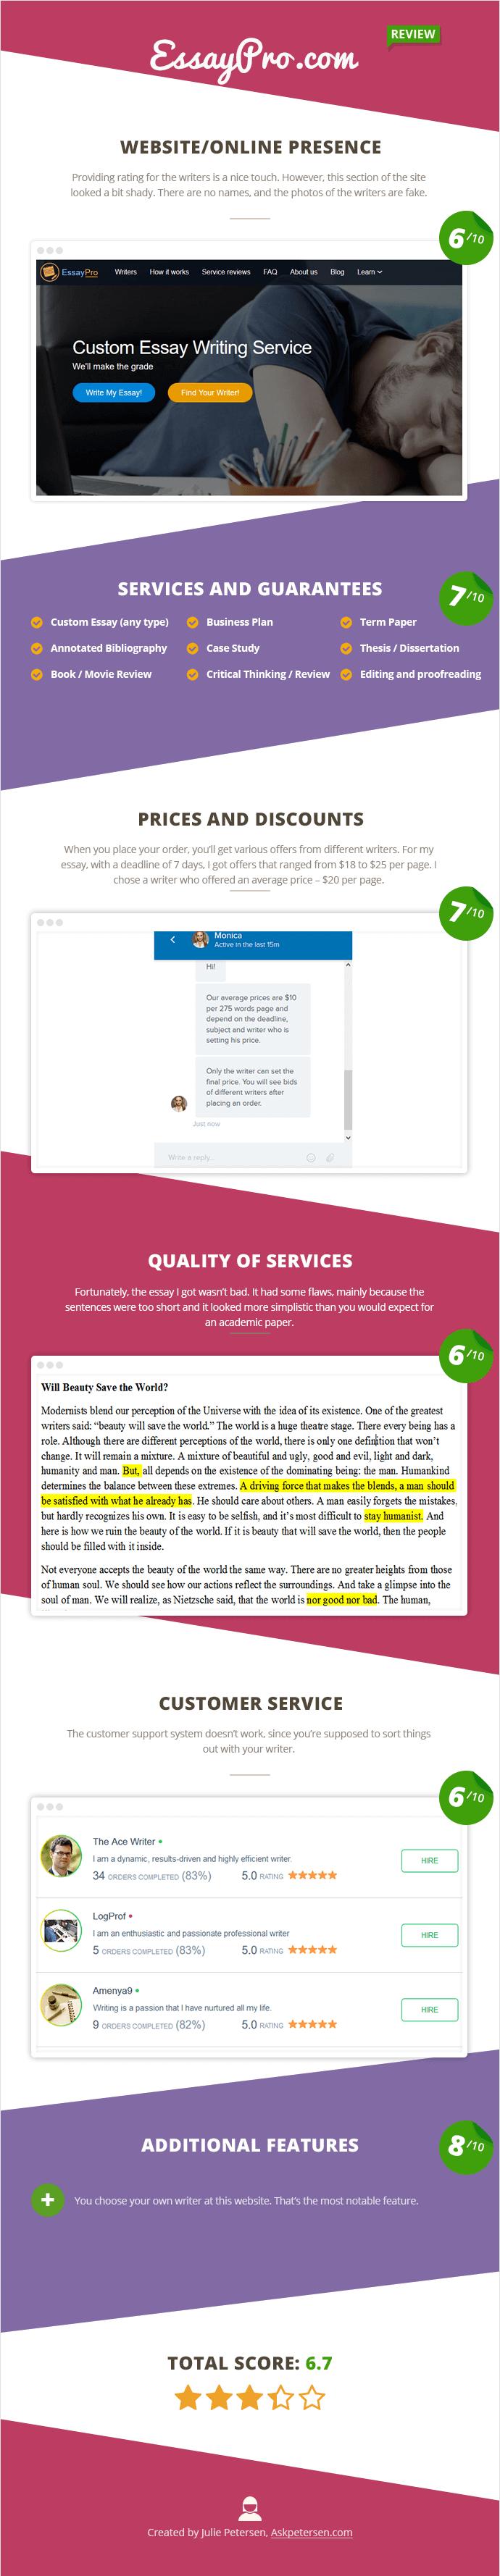 EssayPro.com Review